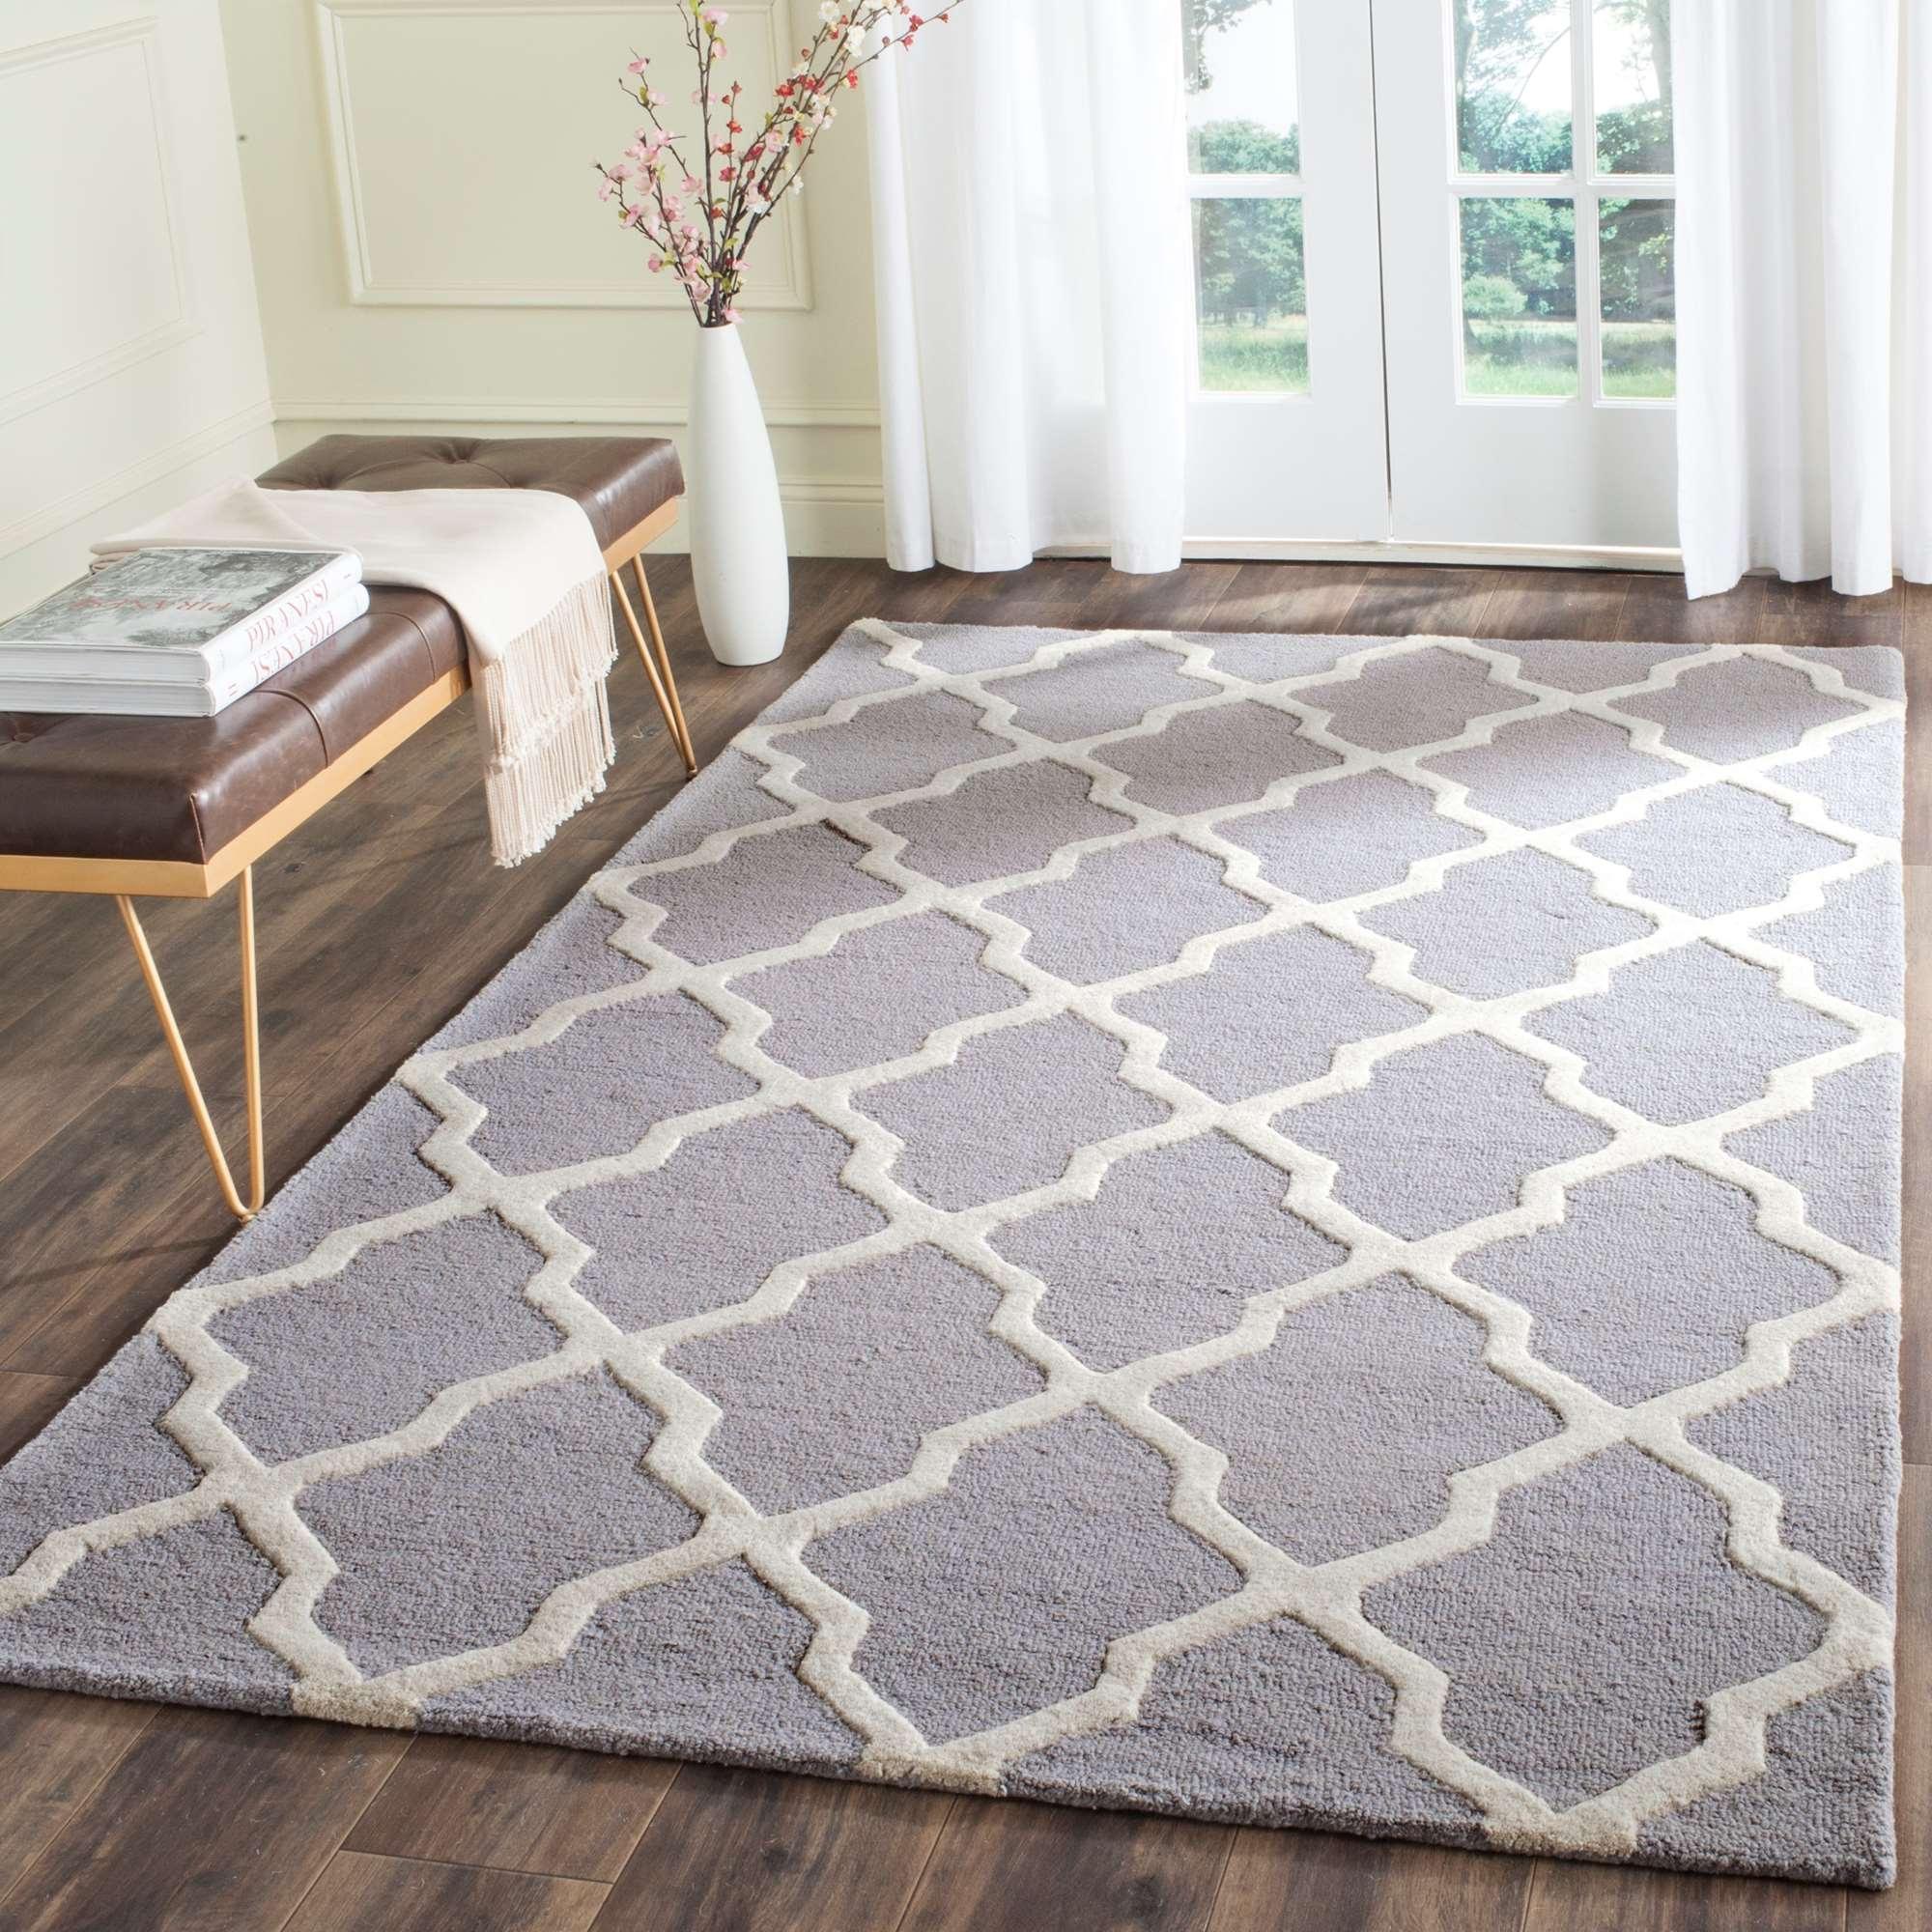 Design hand carved carpet custom design hand carved carpet baanklon Gallery